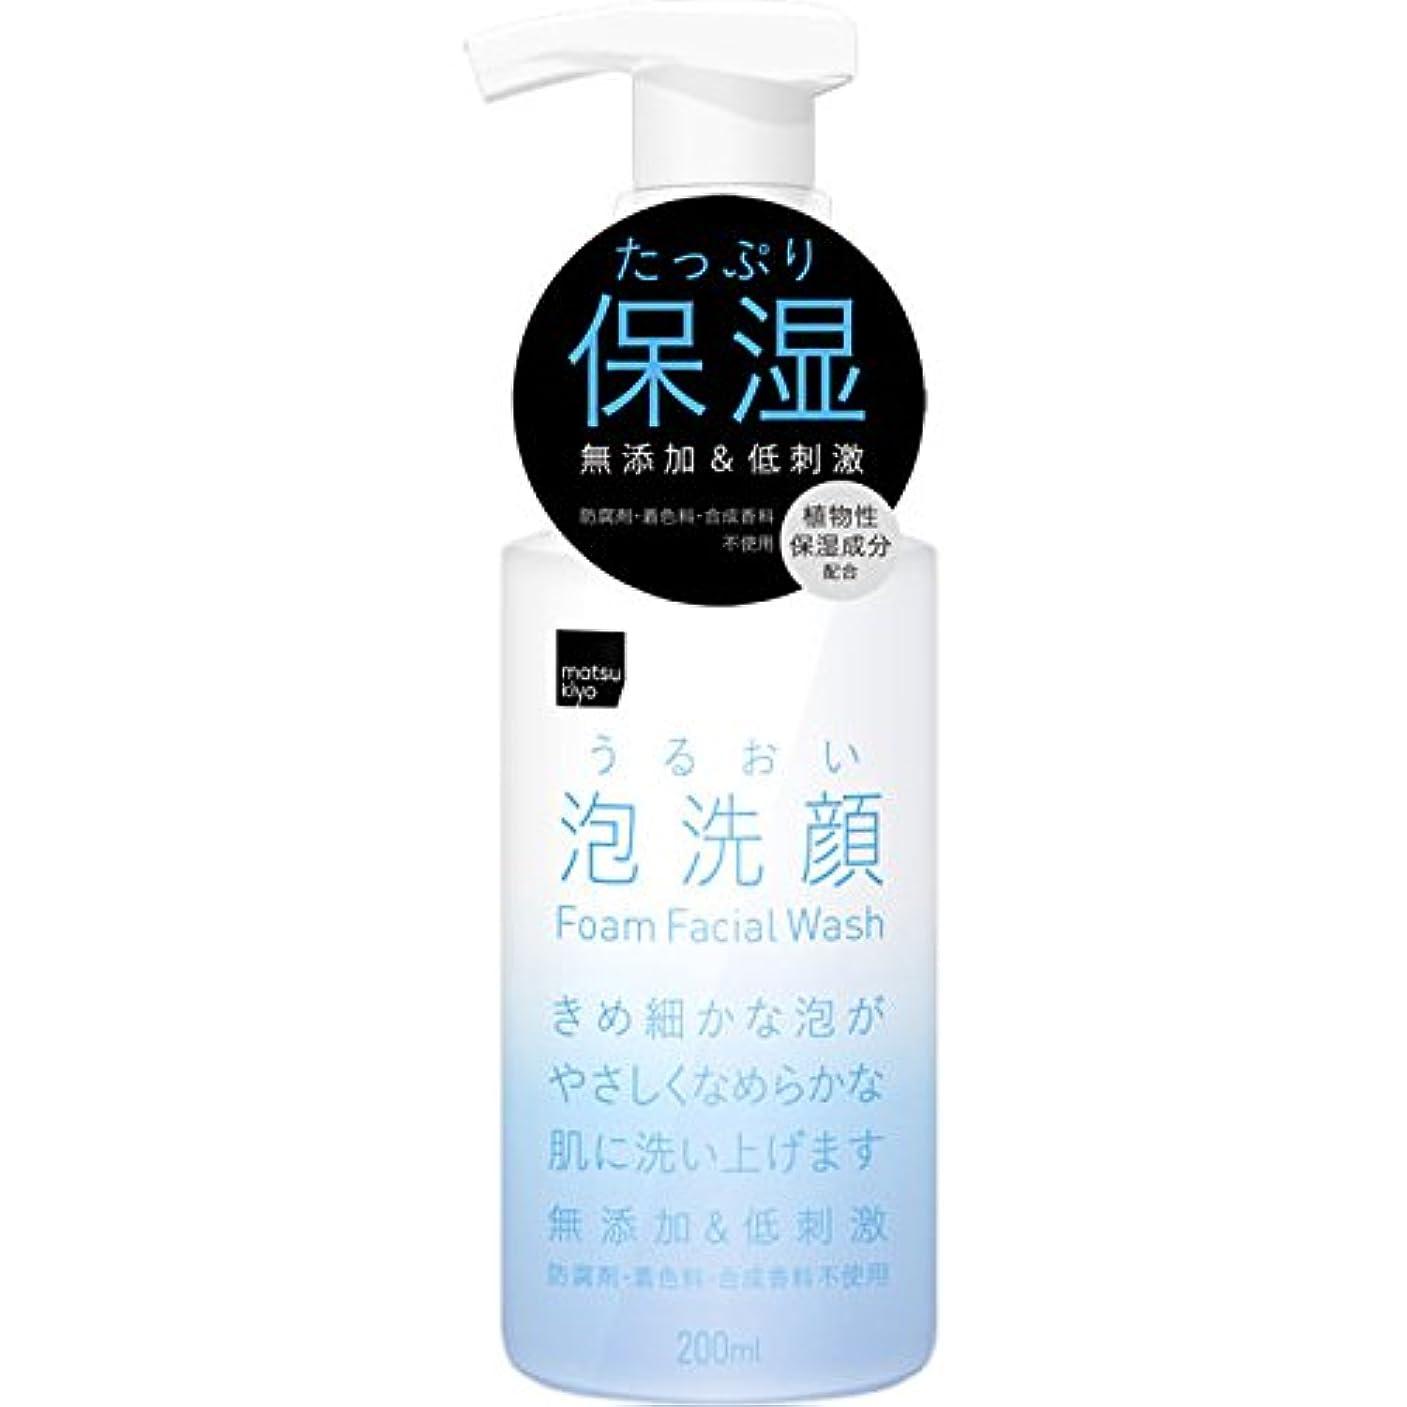 商品援助する憎しみ熊野油脂 matsukiyo うるおい 泡洗顔 本体 200ml